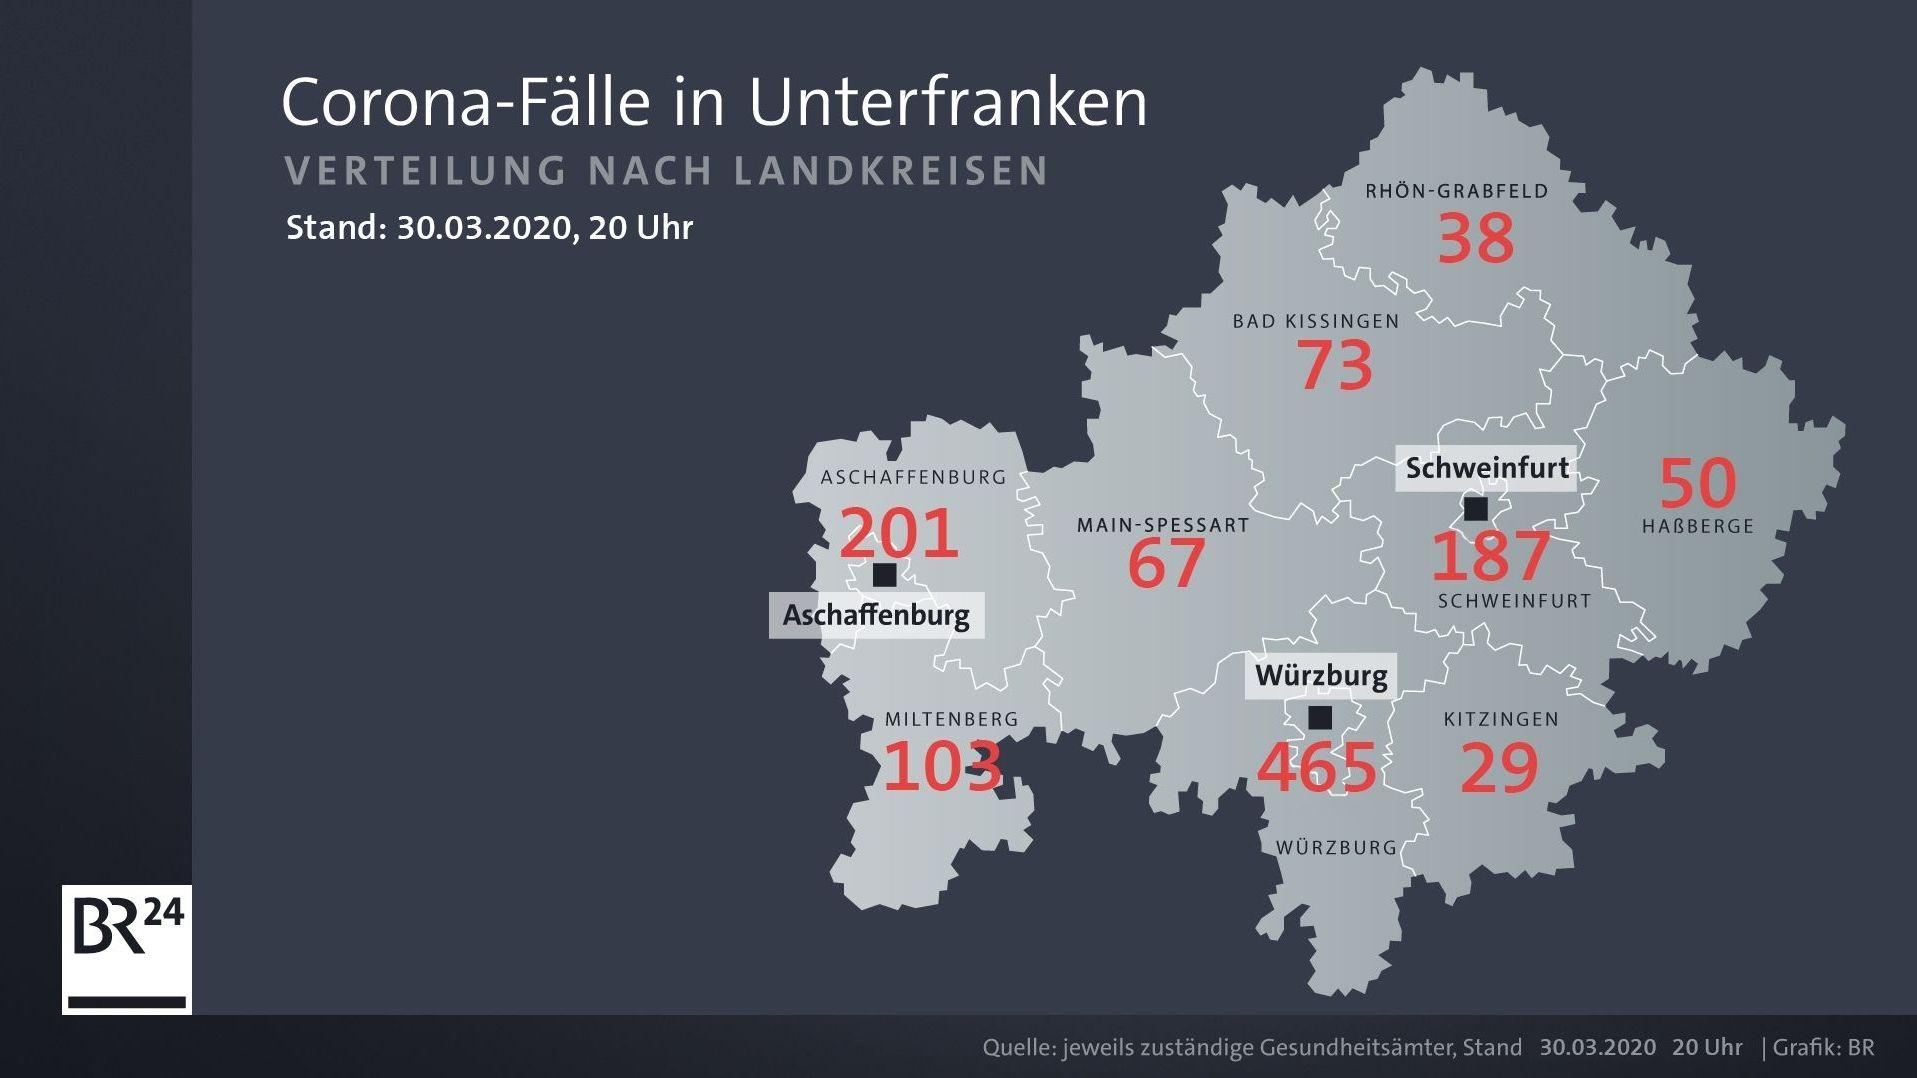 Corona-Fälle in Unterfranken (Stand: 30.03.2020, 20 Uhr)